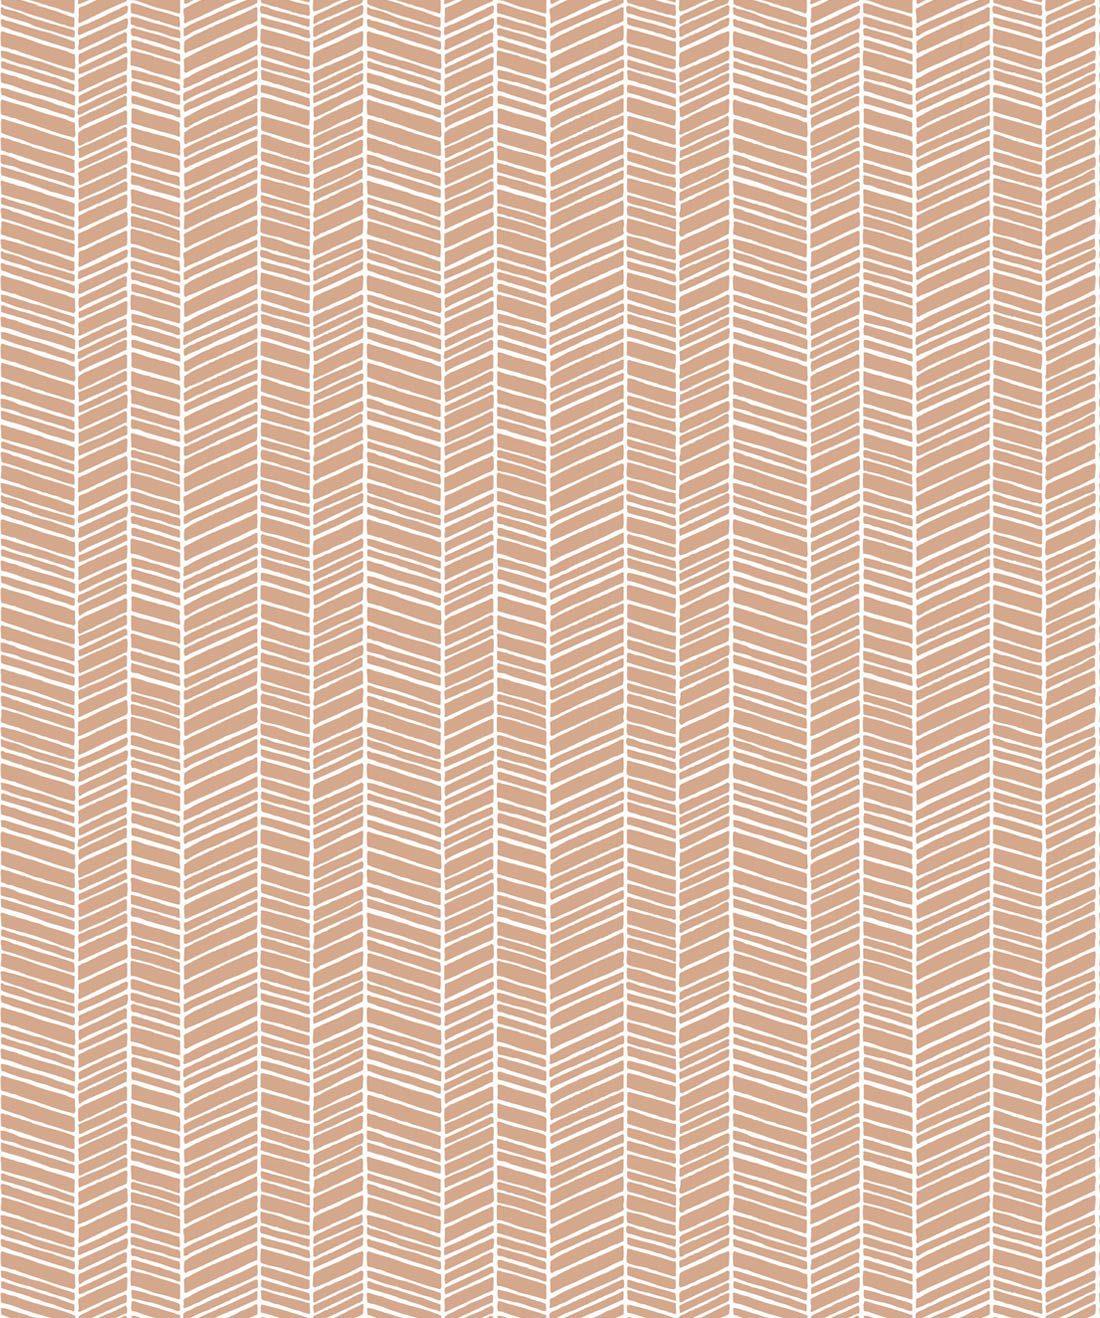 Herringbone Desert Wallpaper